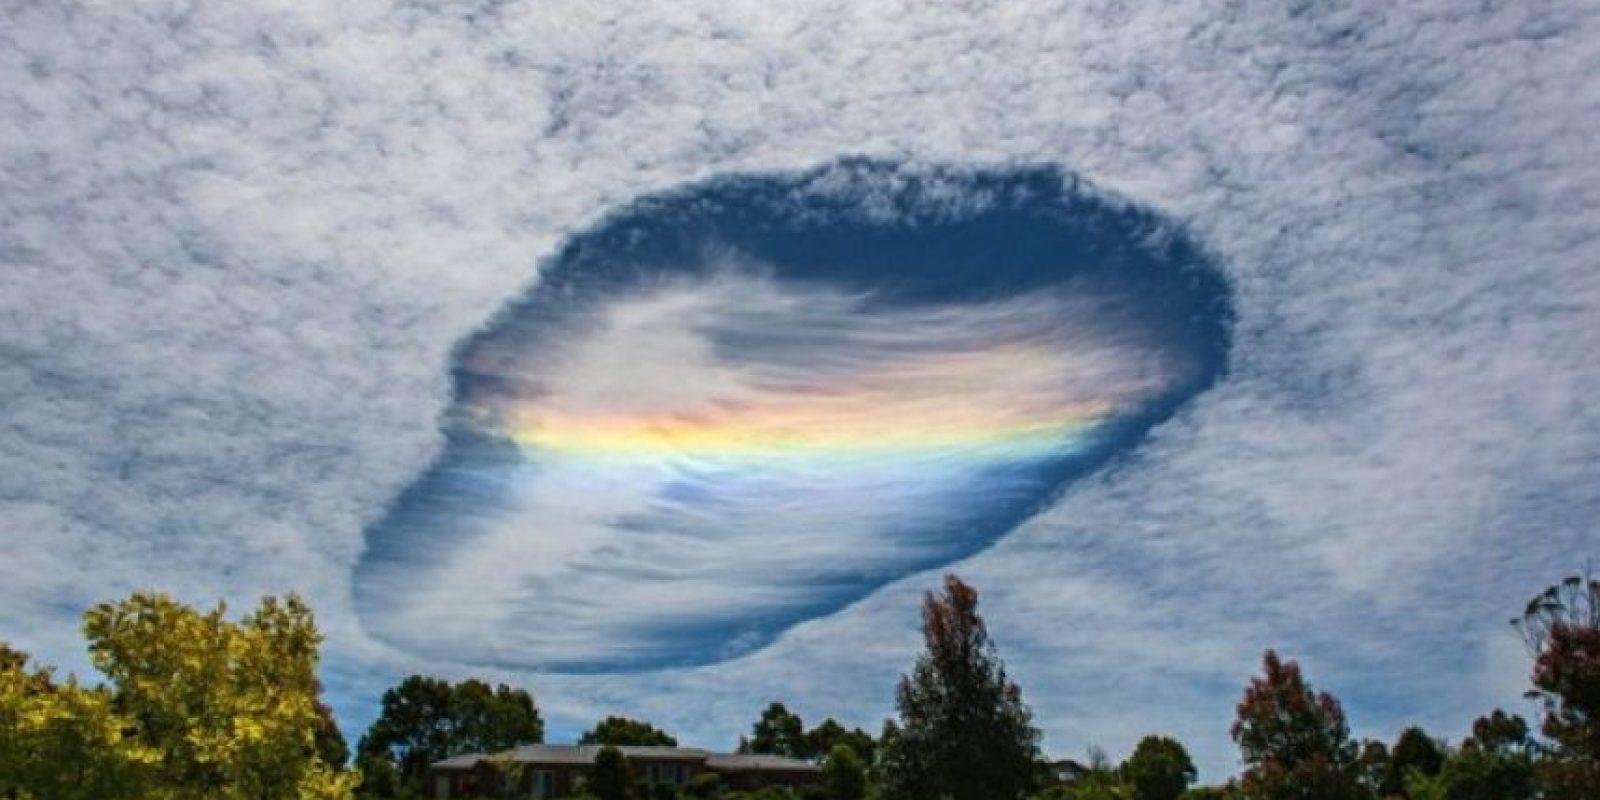 1. Así se vio la nube en Australia hace unas semanas Foto:Imgur.com/gallery/1lN62mo